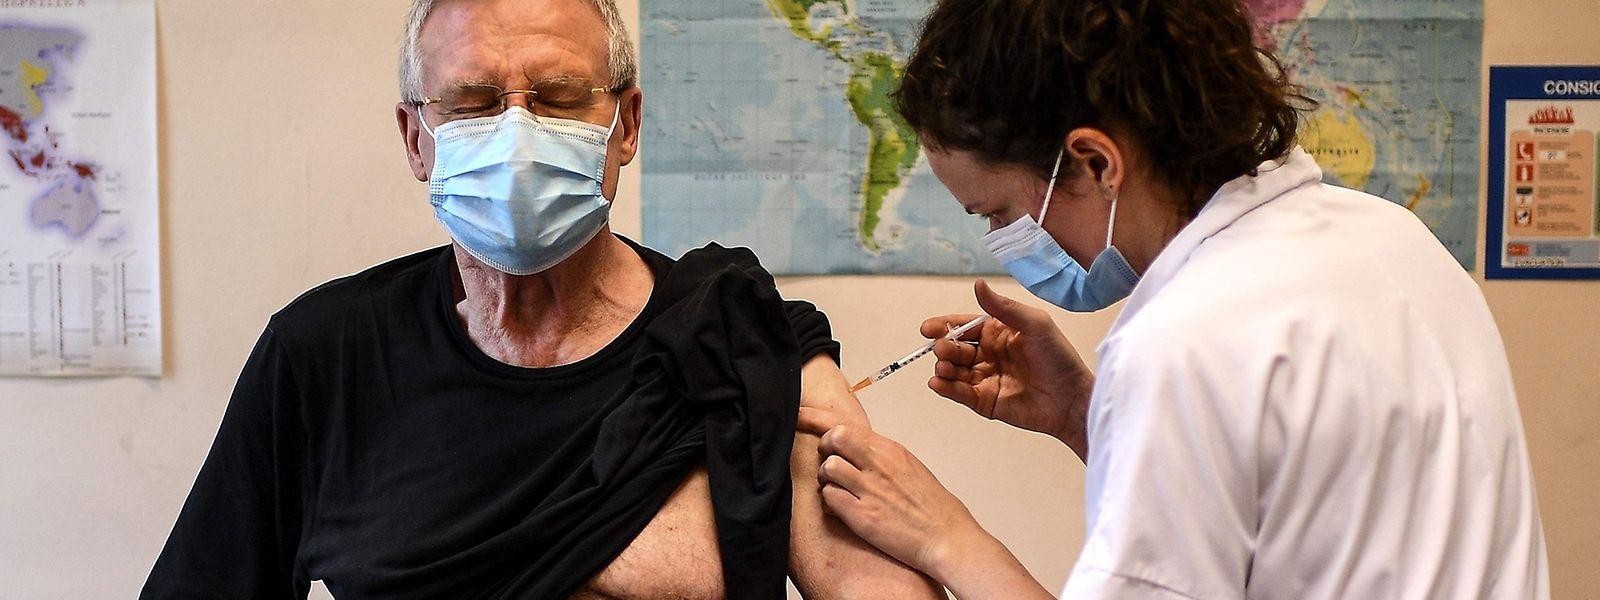 Laut EU-Kommission soll der Lieferengpass beim Impfstoff nächste Woche nicht mehr bestehen.